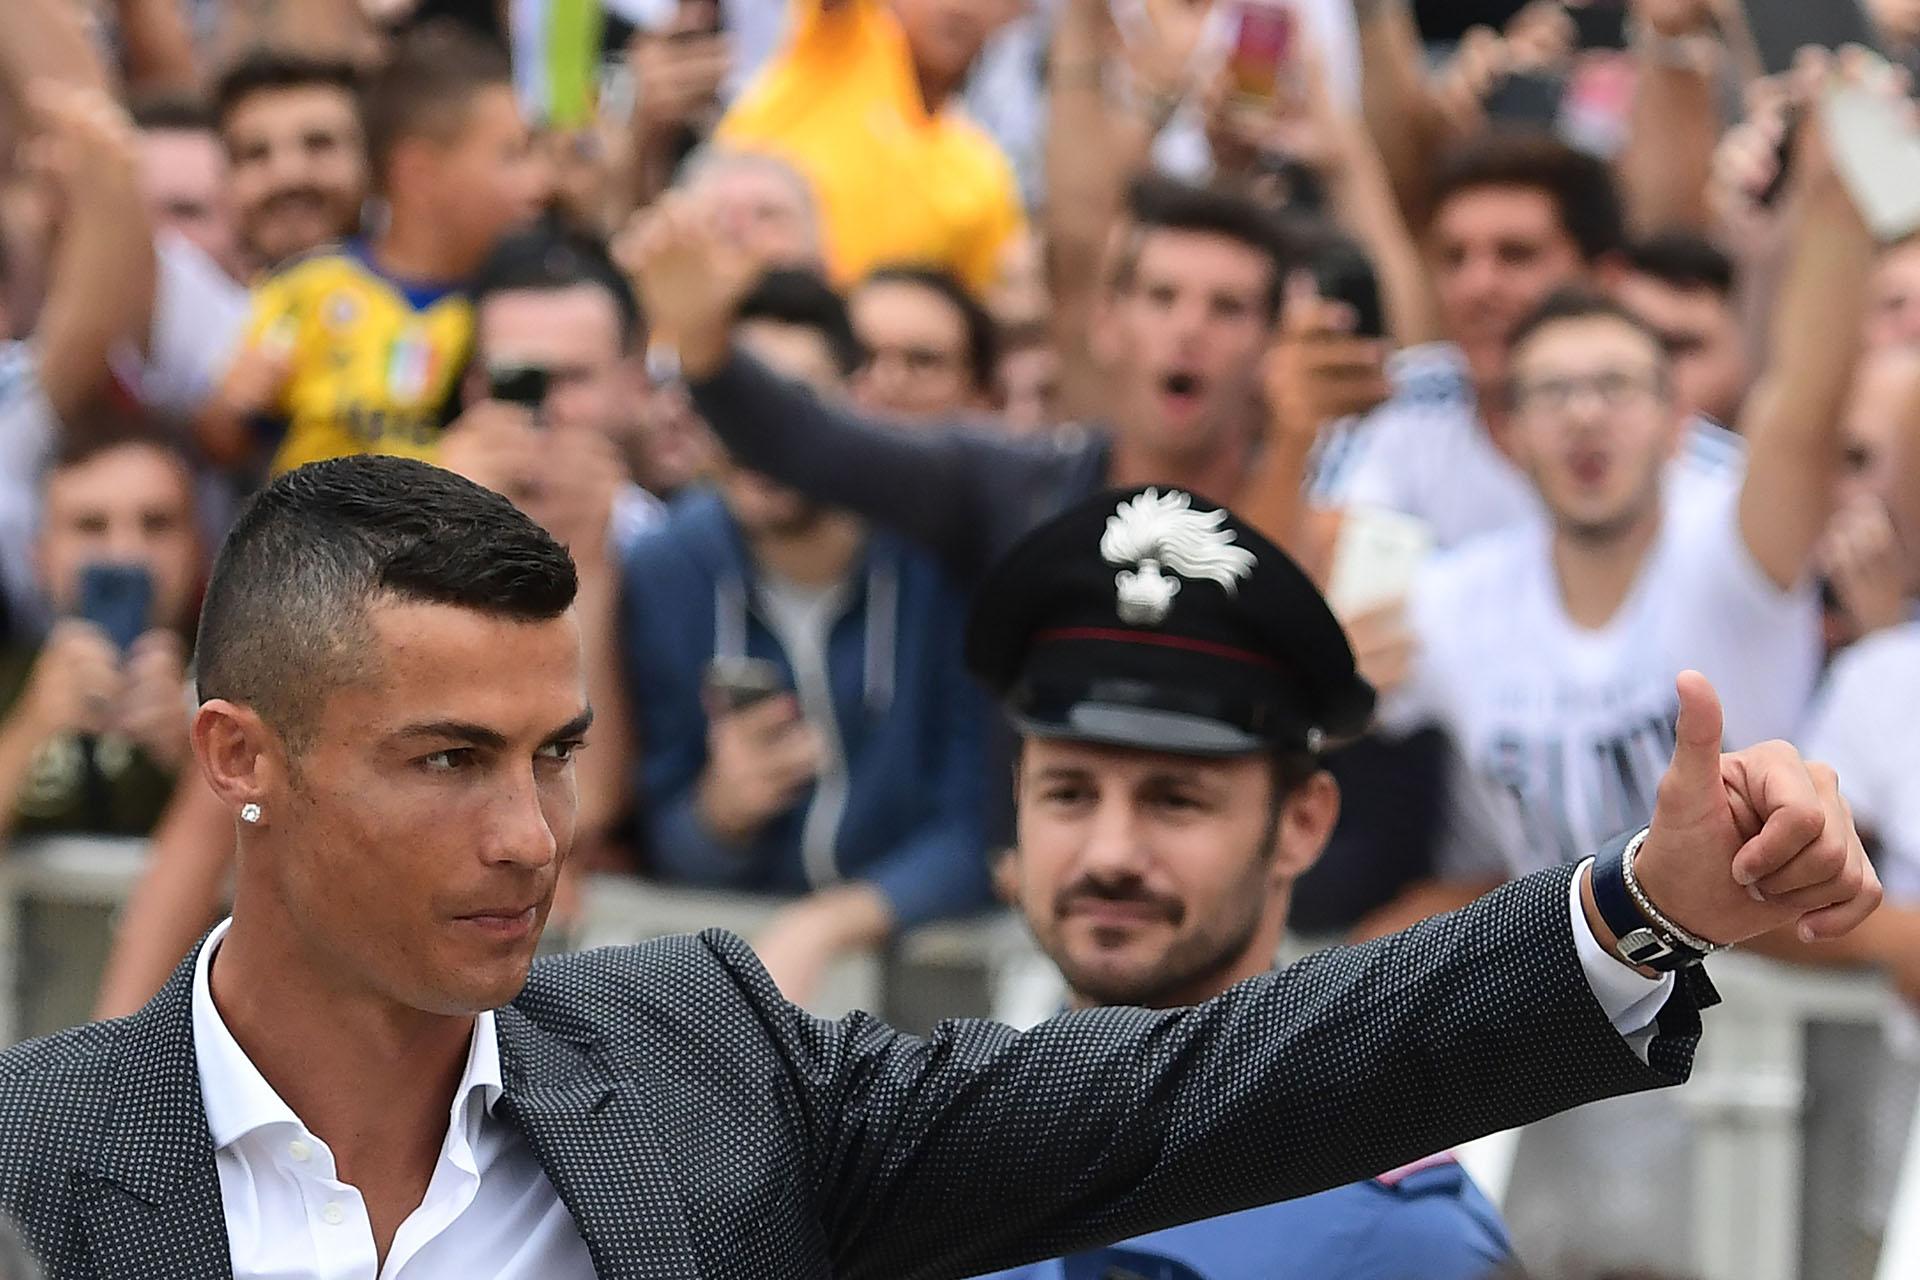 El club italiano Juventus presentó al futbolista portugués Cristiano Ronaldo como su nueva incorporación al equipo el 16 de julio